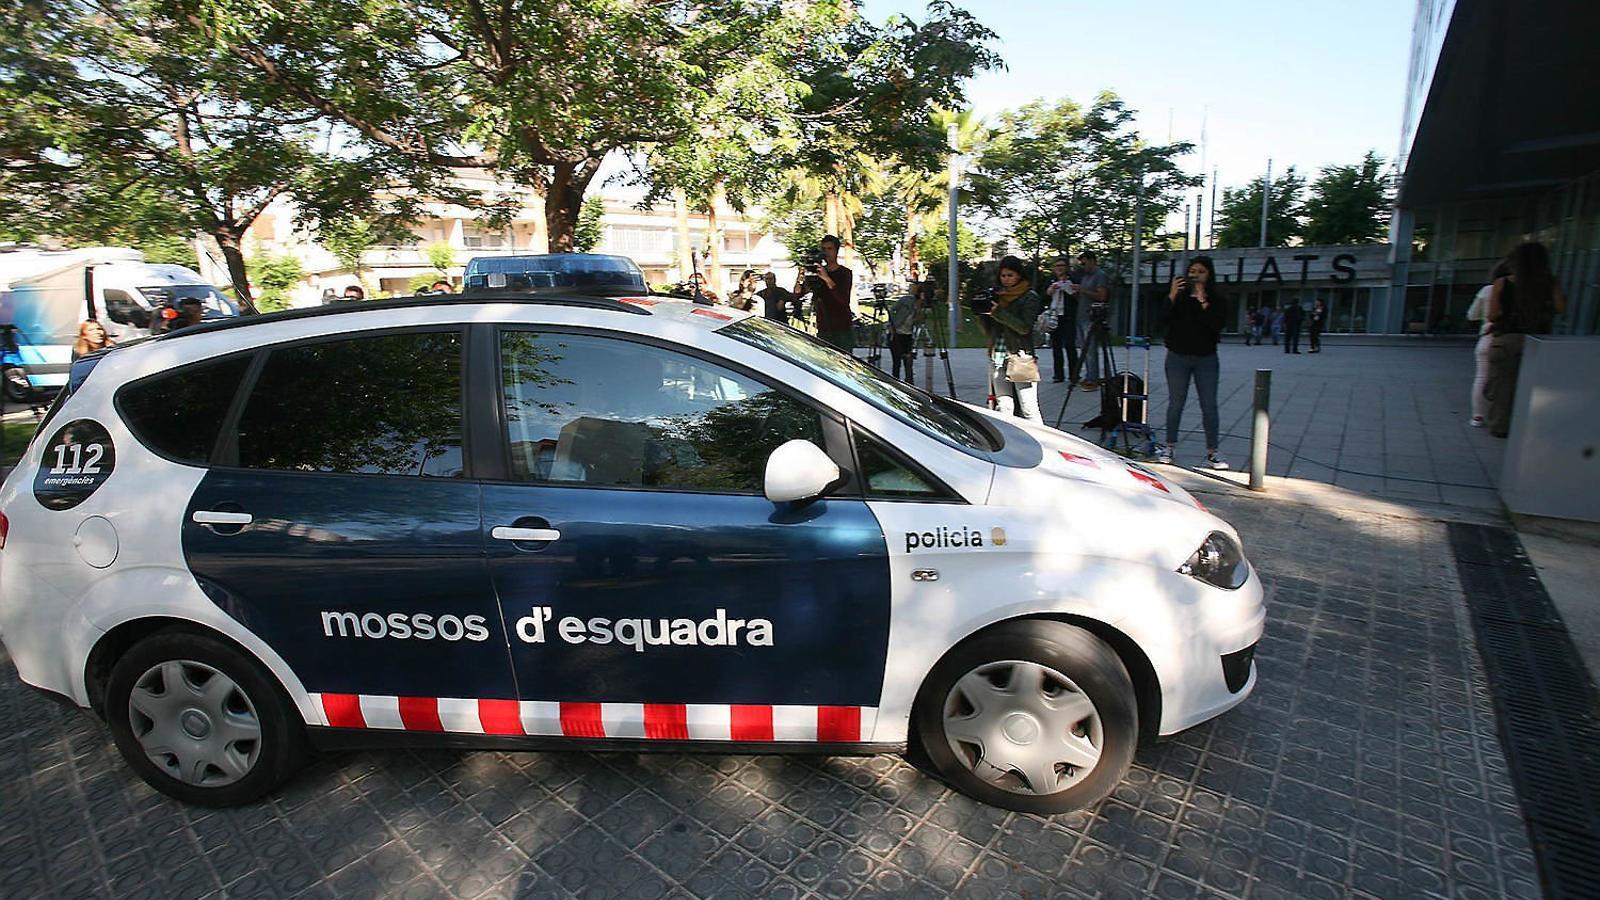 Els urbans del crim del pantà de Foix tanquen files per la mort d'un sensesostre a Montjuïc